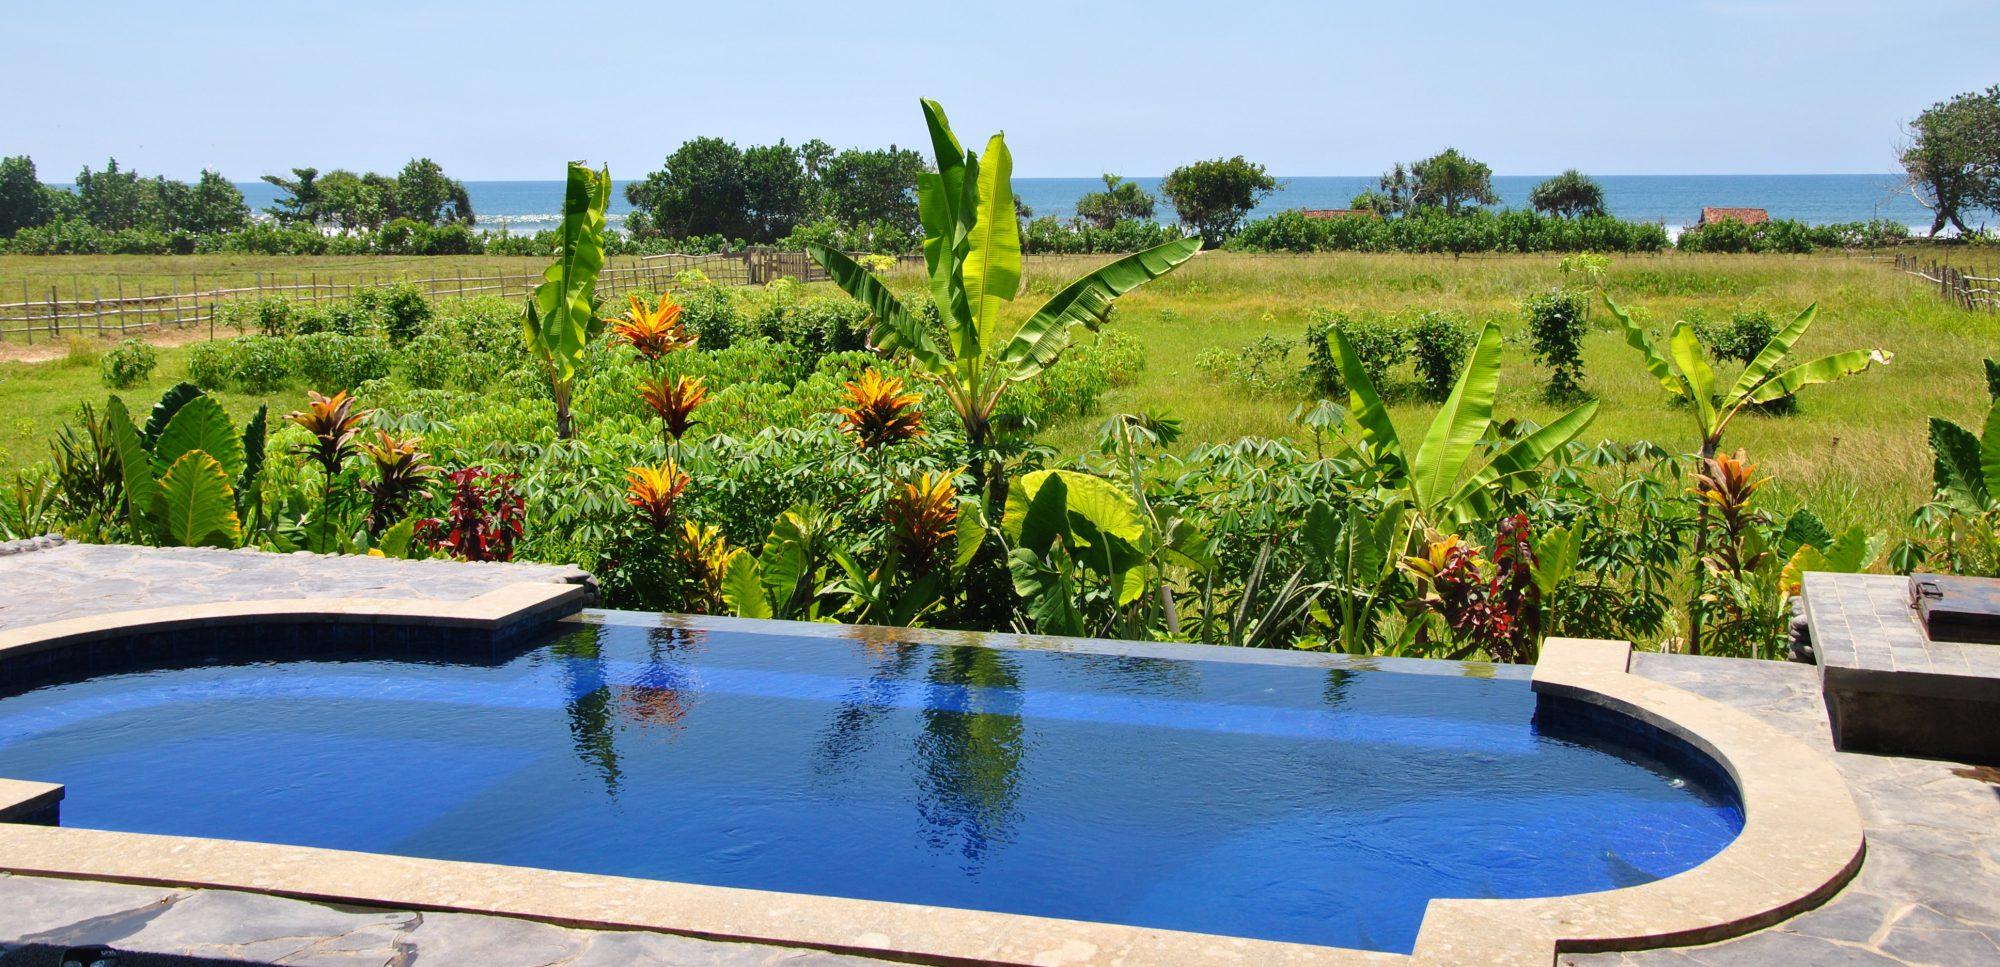 snaffl Bali